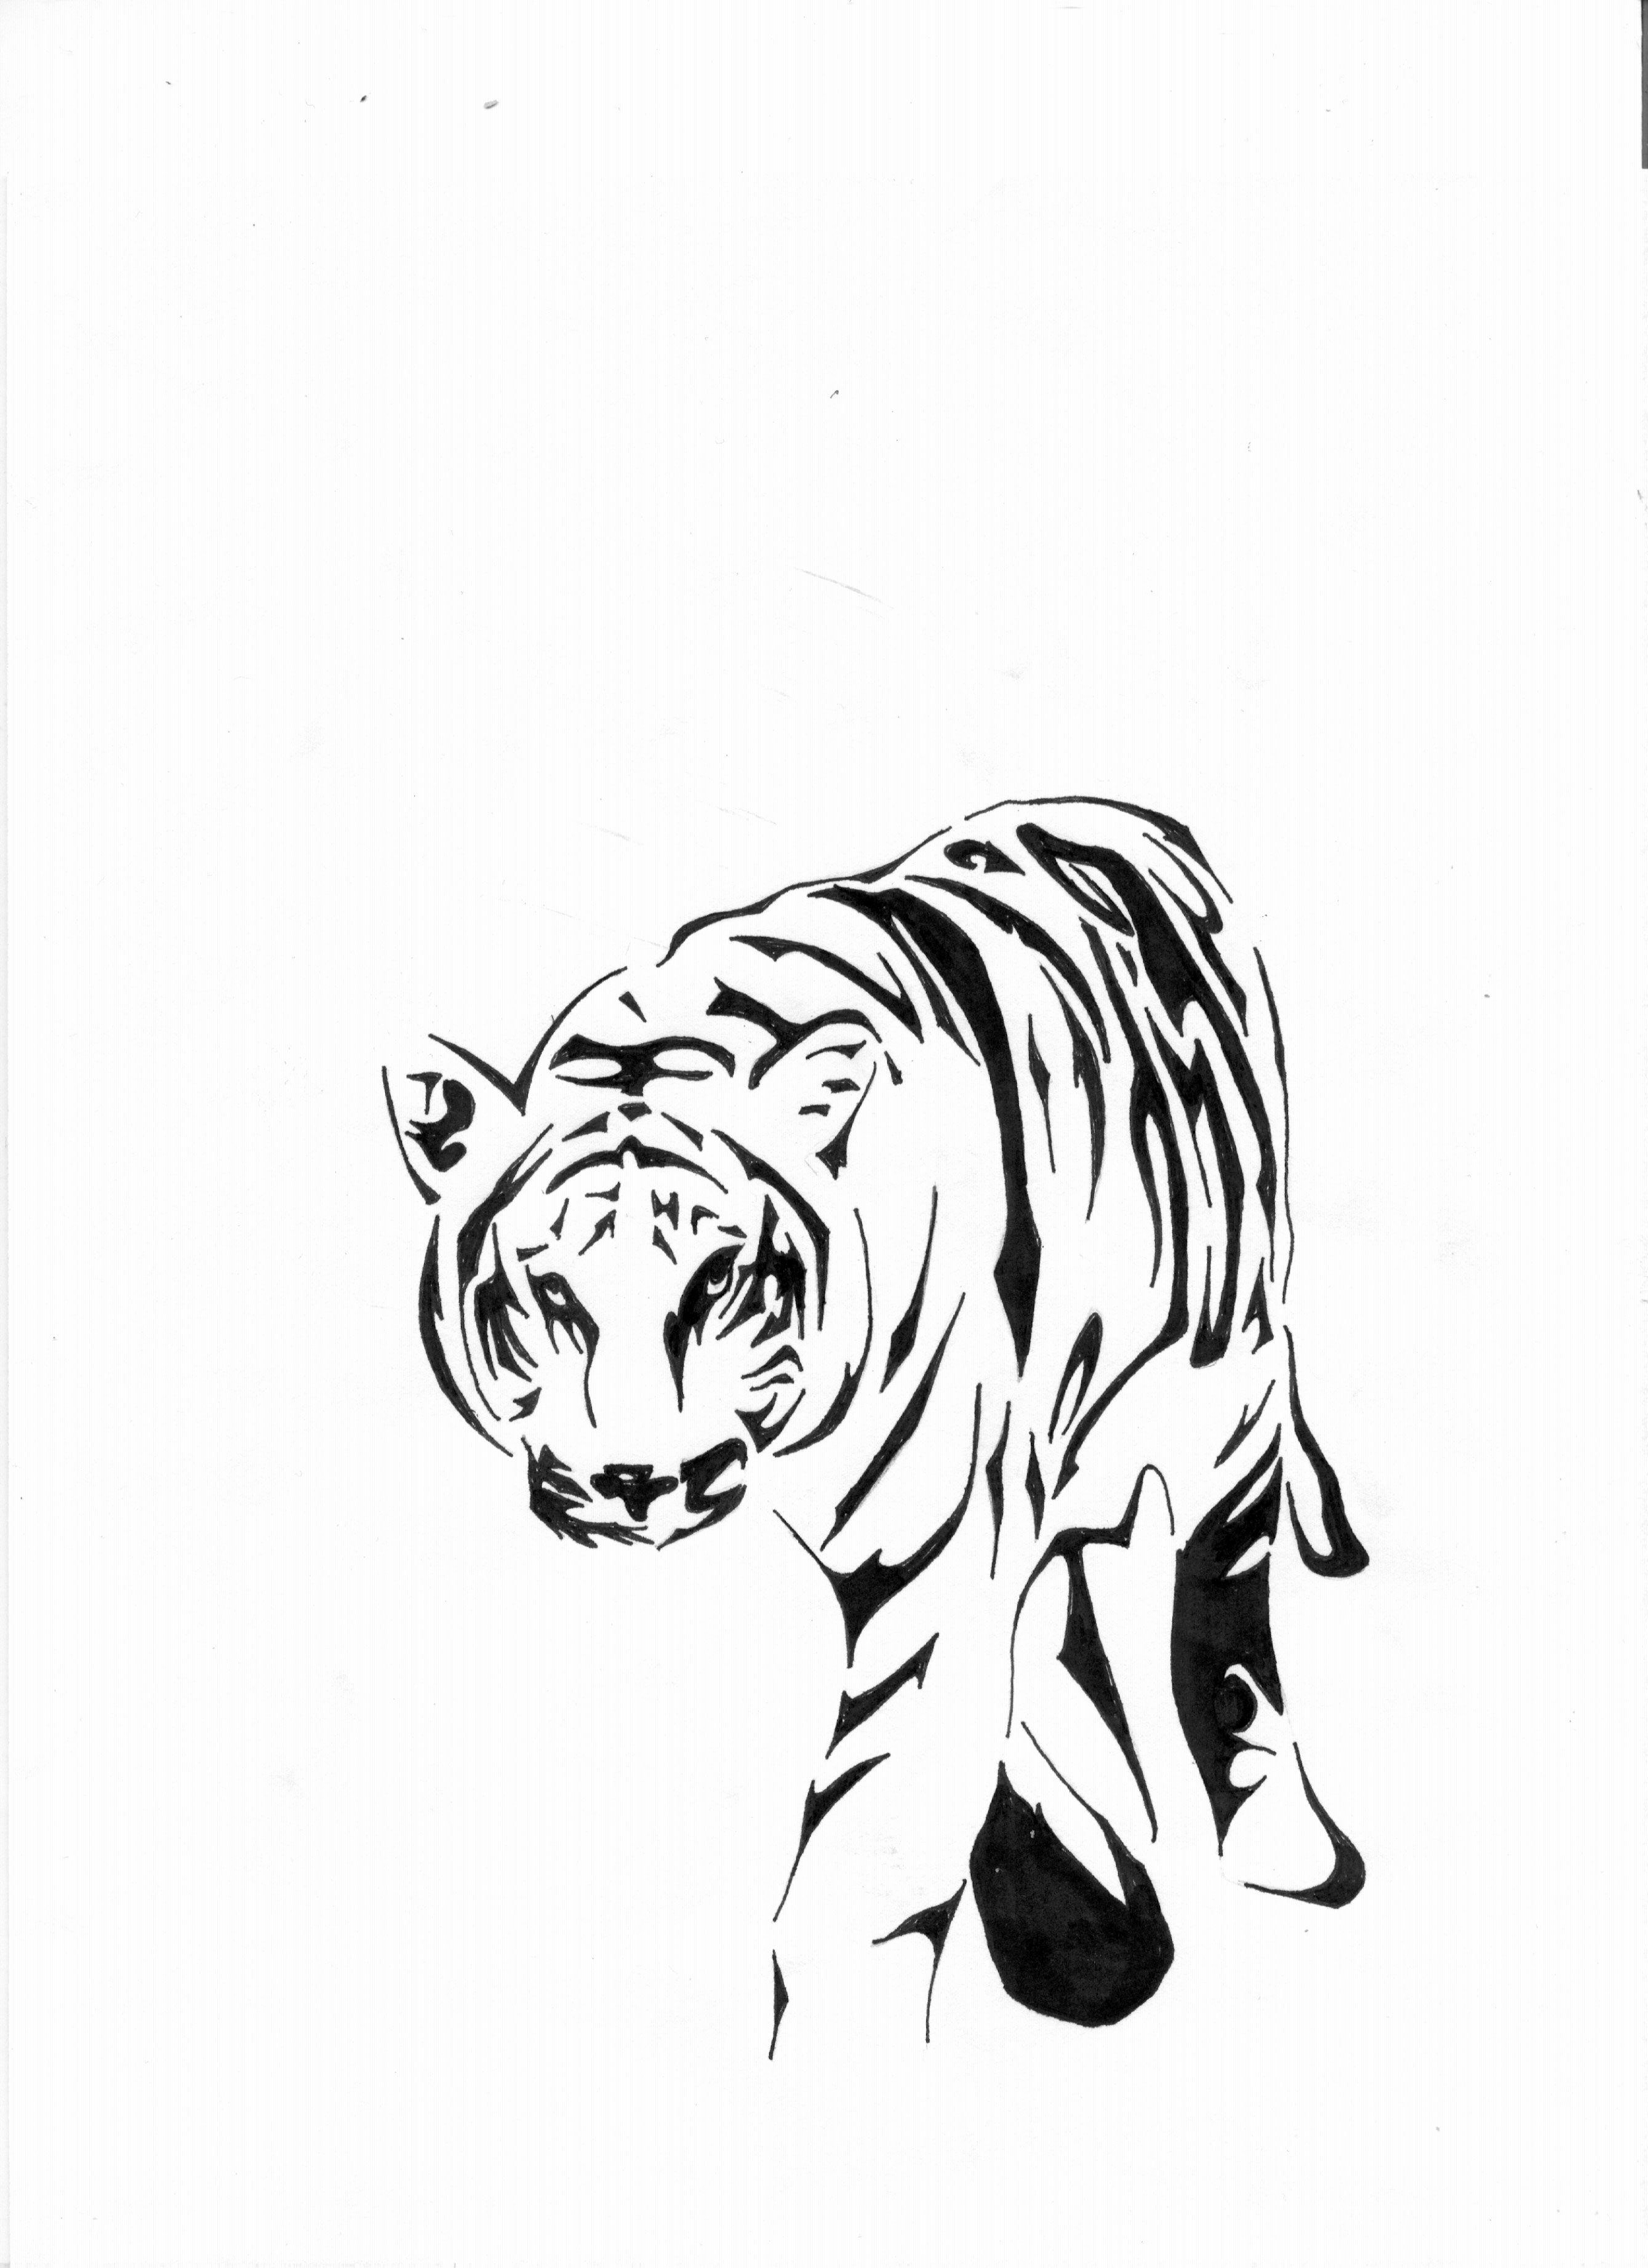 Tribal Tiger Tattoos Cool Tattoos Designs Tribal Tattoos ...